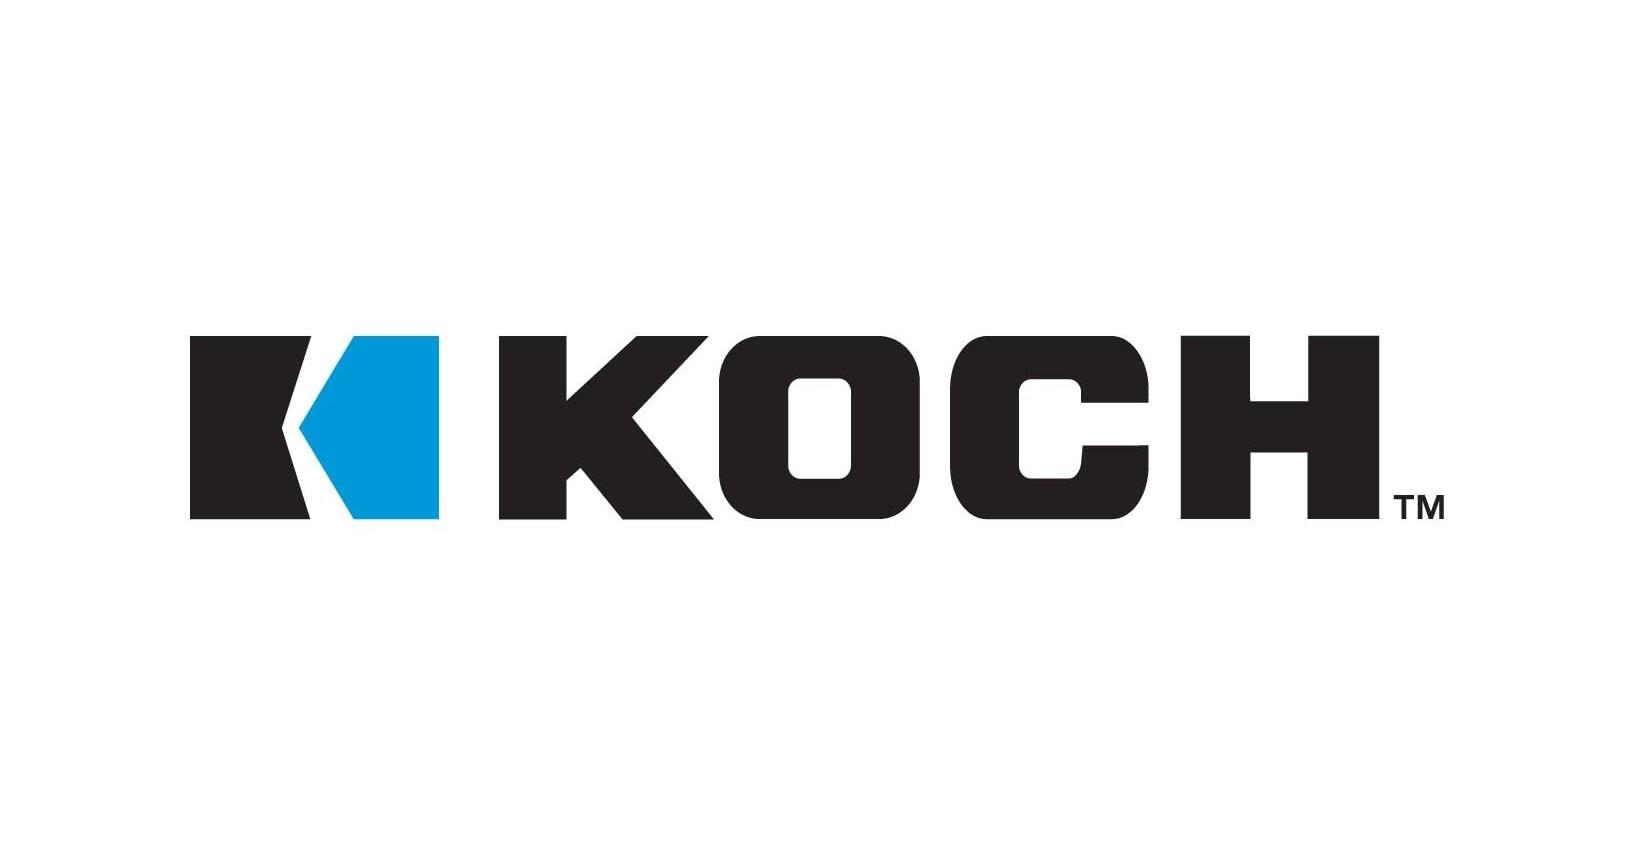 Koch Industries Logo jpg?p=facebook.